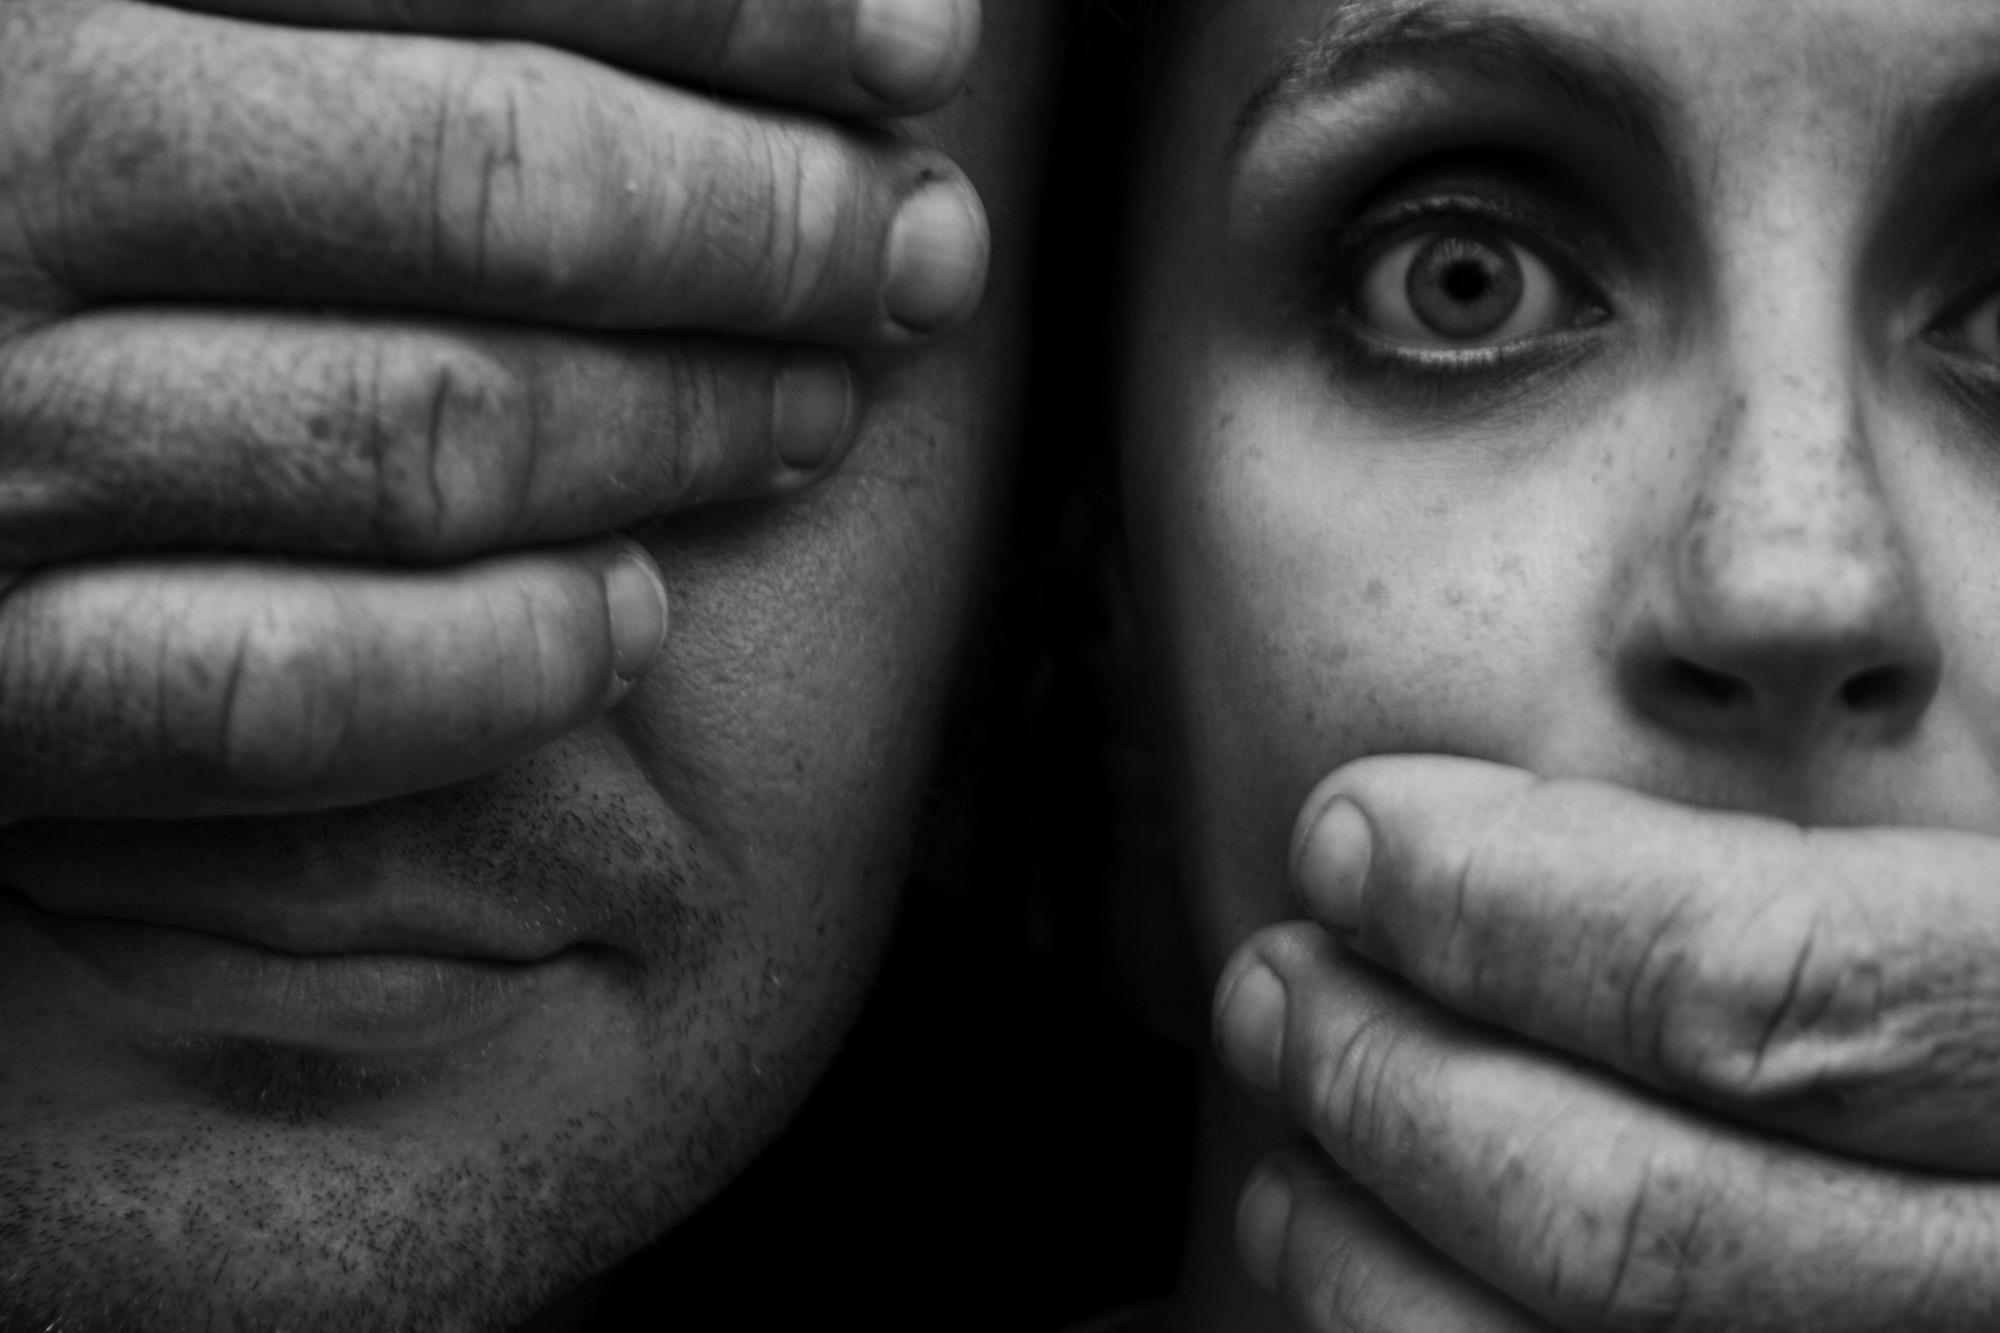 La violencia contra la Mujer: una pandemia mundial